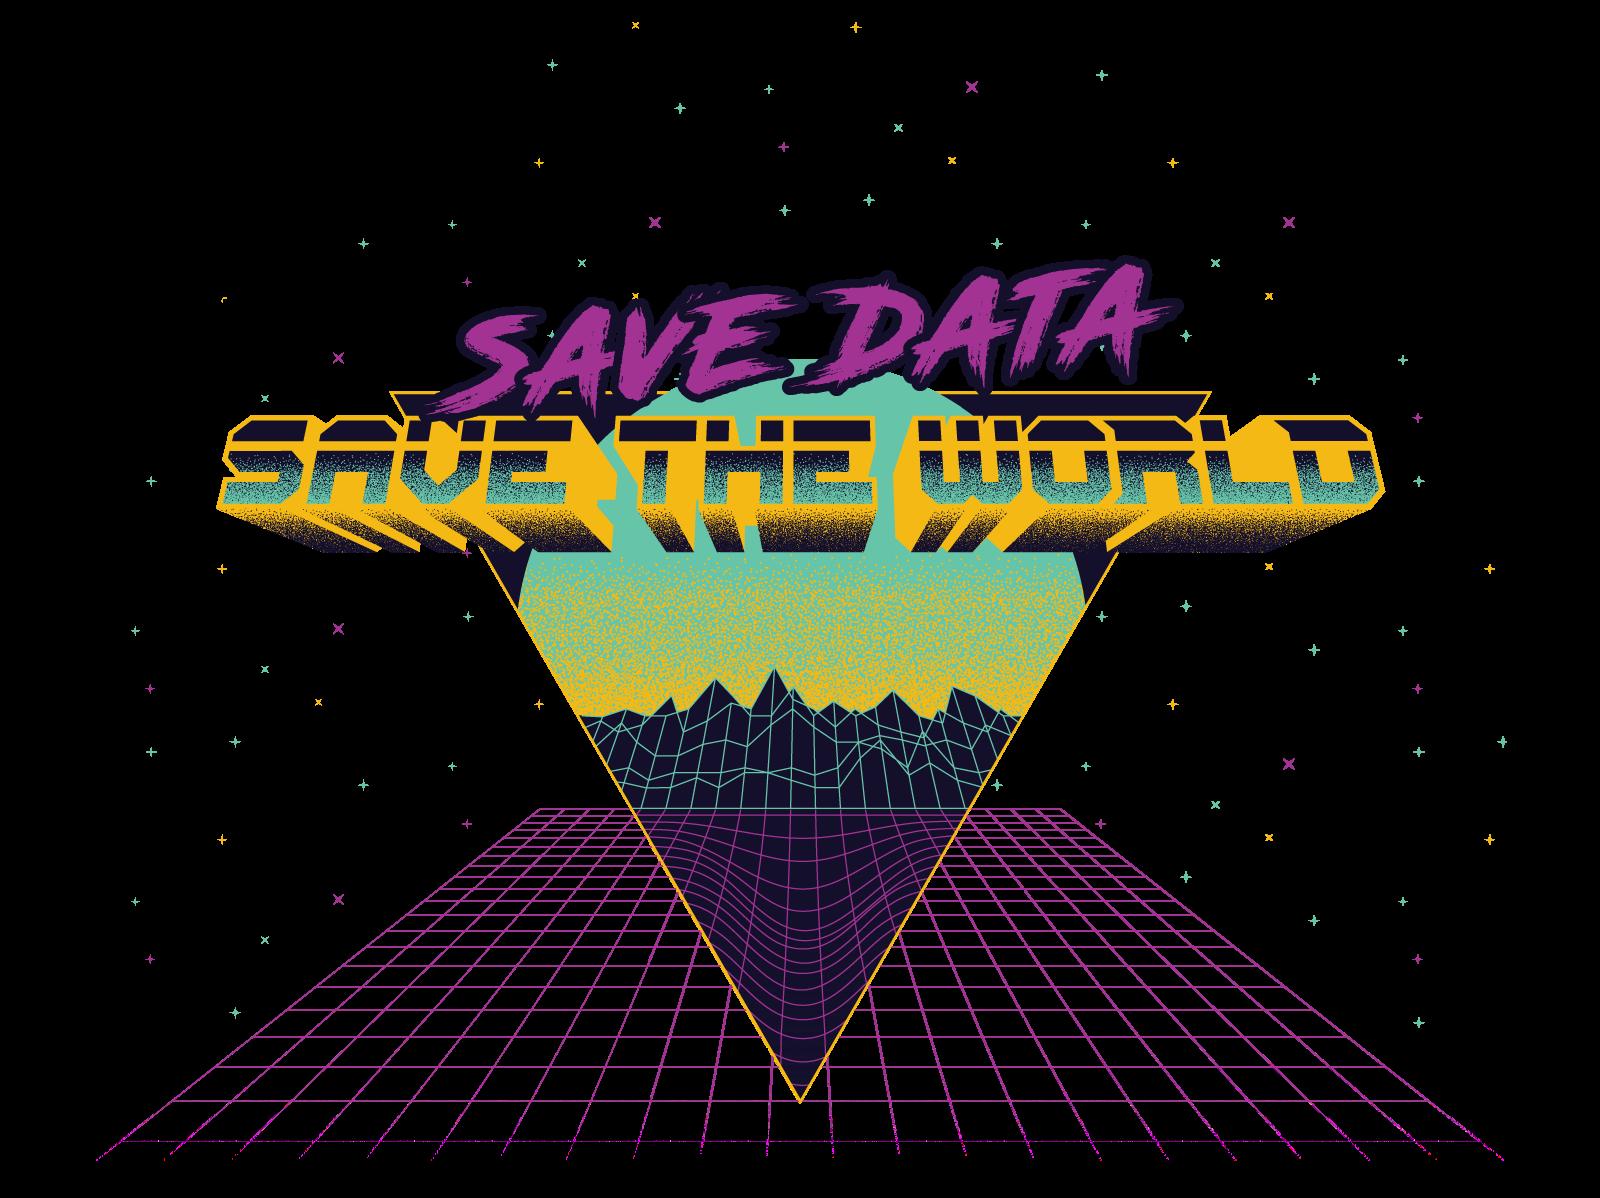 Save Data Save The World